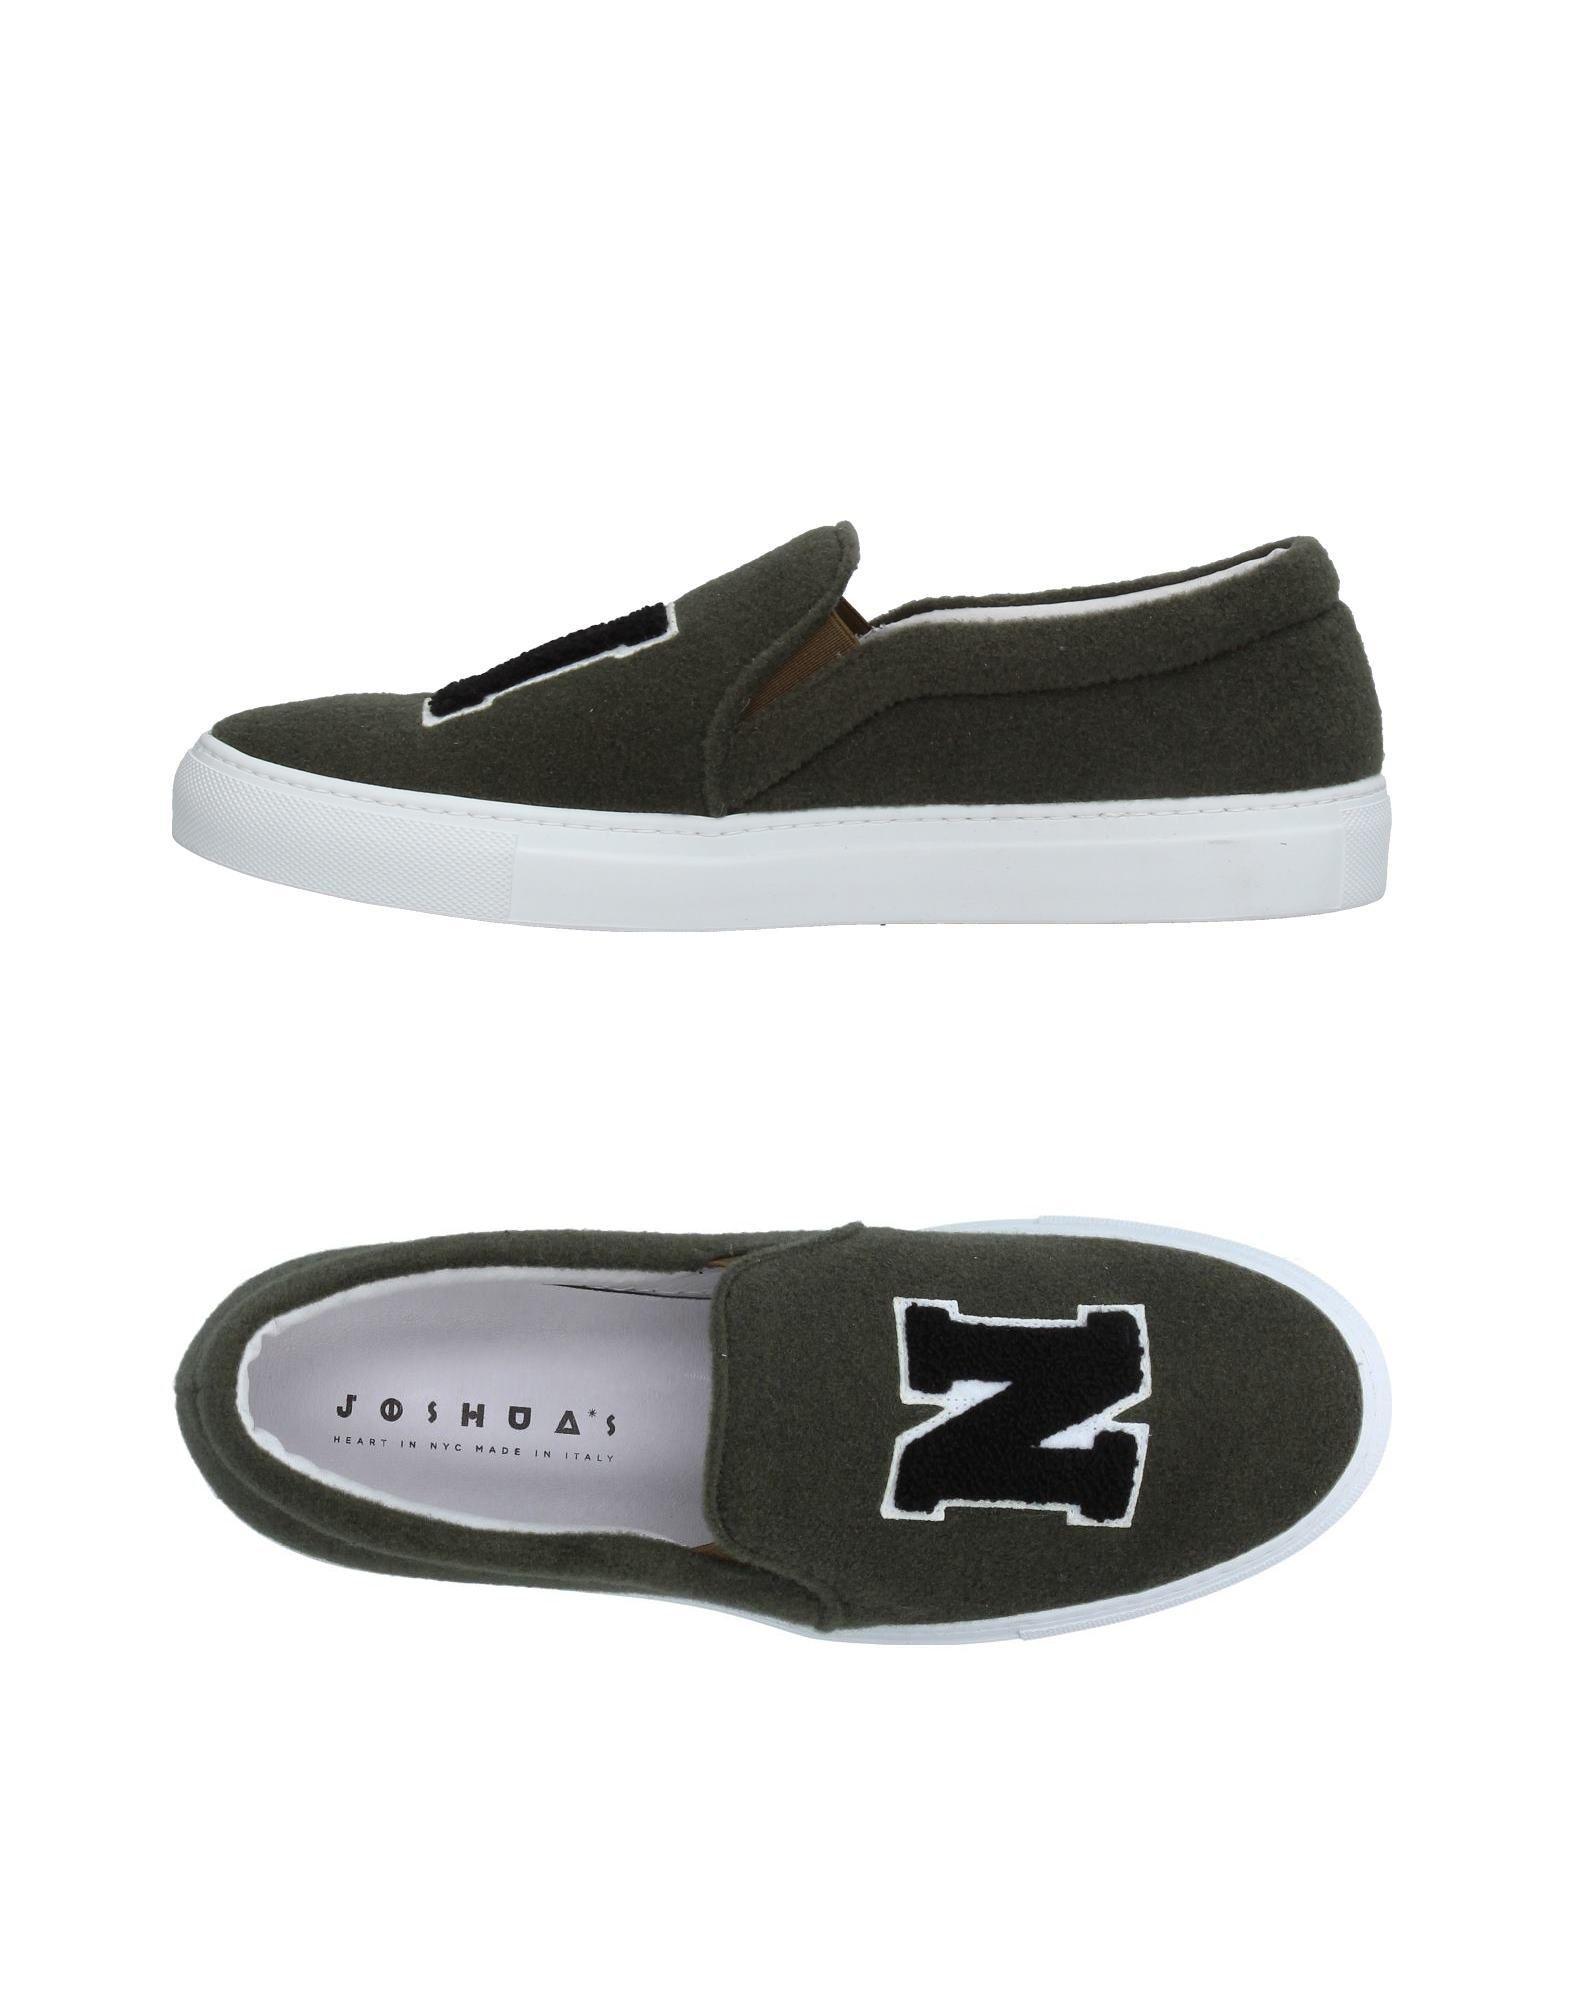 Rabatt echte Schuhe Joshua*S Sneakers Herren  11235285PW